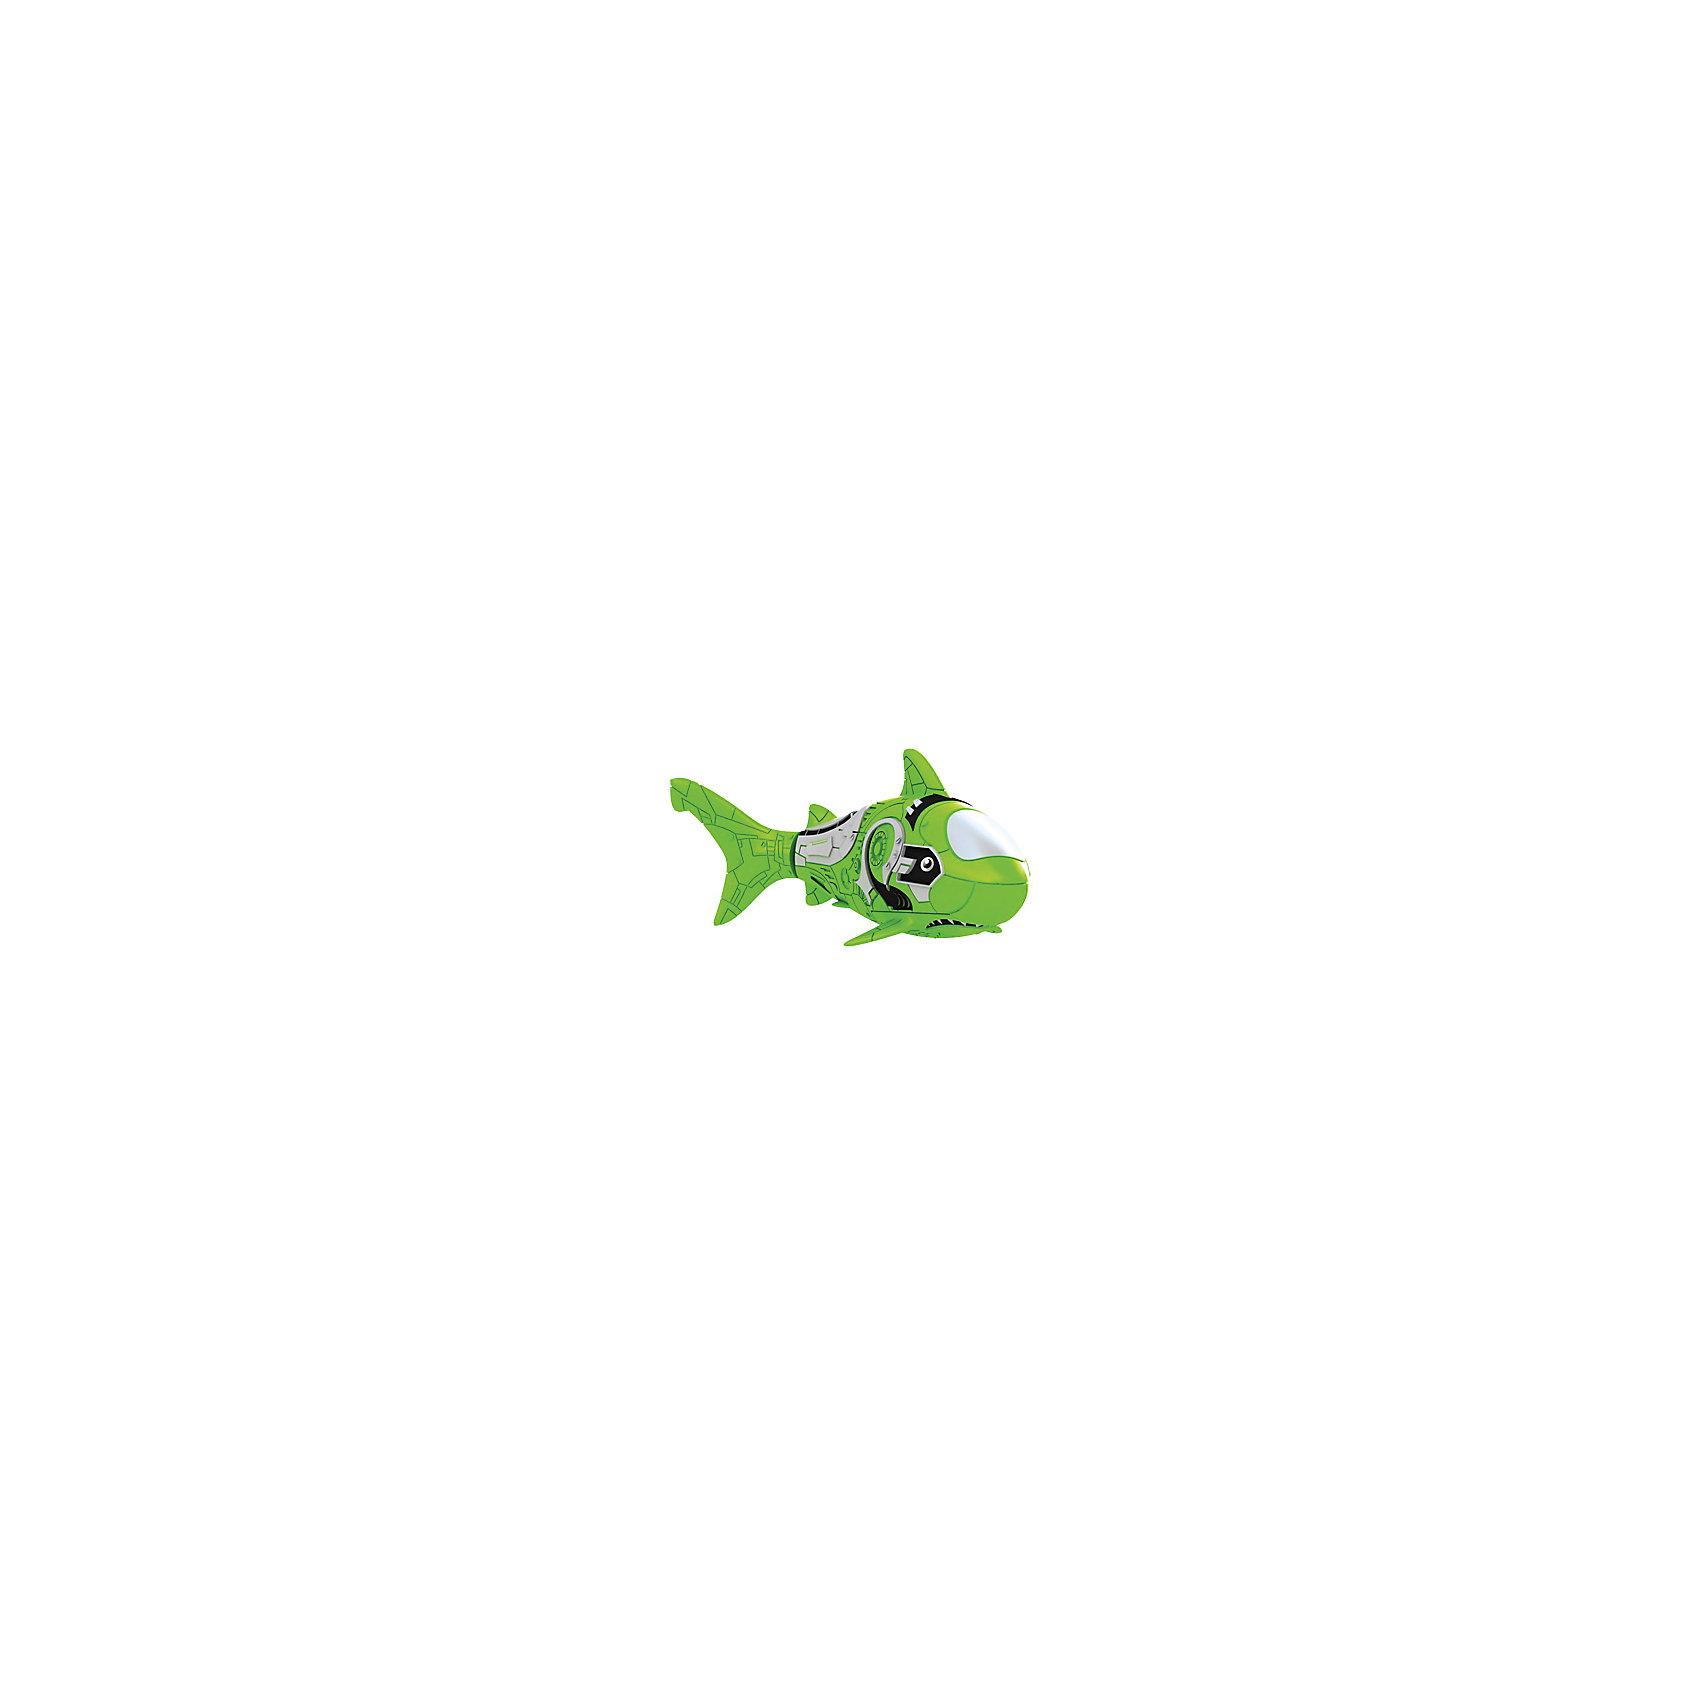 РобоРыбка Акула, зеленая, ZURUРоборыбки<br>Характеристики товара:<br><br>• возраст от 3 лет<br>• материал: пластик, резина<br>• длина рыбки 7,5 см<br>• тип батареек: 2 х А76 / LR44 (миниатюрные)<br>• наличие батареек: входят в комплект (2-в рыбке, 2-запасные)<br>• размер упаковки 20х5х6 см<br>• вес упаковки 720 г.<br>• страна бренда: Новая Зеландия<br>• страна производитель: Китай<br><br>Роборыбка Акула Zuru зеленая — интерактивная занимательная игрушка, которая умеет плавать и нырять. Запустив рыбку в воду, она начнет плавать, опускаться на дно. Внутри рыбки имеется грузик, который регулирует глубину погружения на дно. Если убрать его, рыбка будет плавать по поверхности. Положите его обратно, рыбка начнет опускаться. <br><br>Роборыбку Акула Zuru зеленая можно приобрести в нашем интернет-магазине.<br><br>Ширина мм: 60<br>Глубина мм: 50<br>Высота мм: 200<br>Вес г: 720<br>Возраст от месяцев: 36<br>Возраст до месяцев: 2147483647<br>Пол: Унисекс<br>Возраст: Детский<br>SKU: 5544180